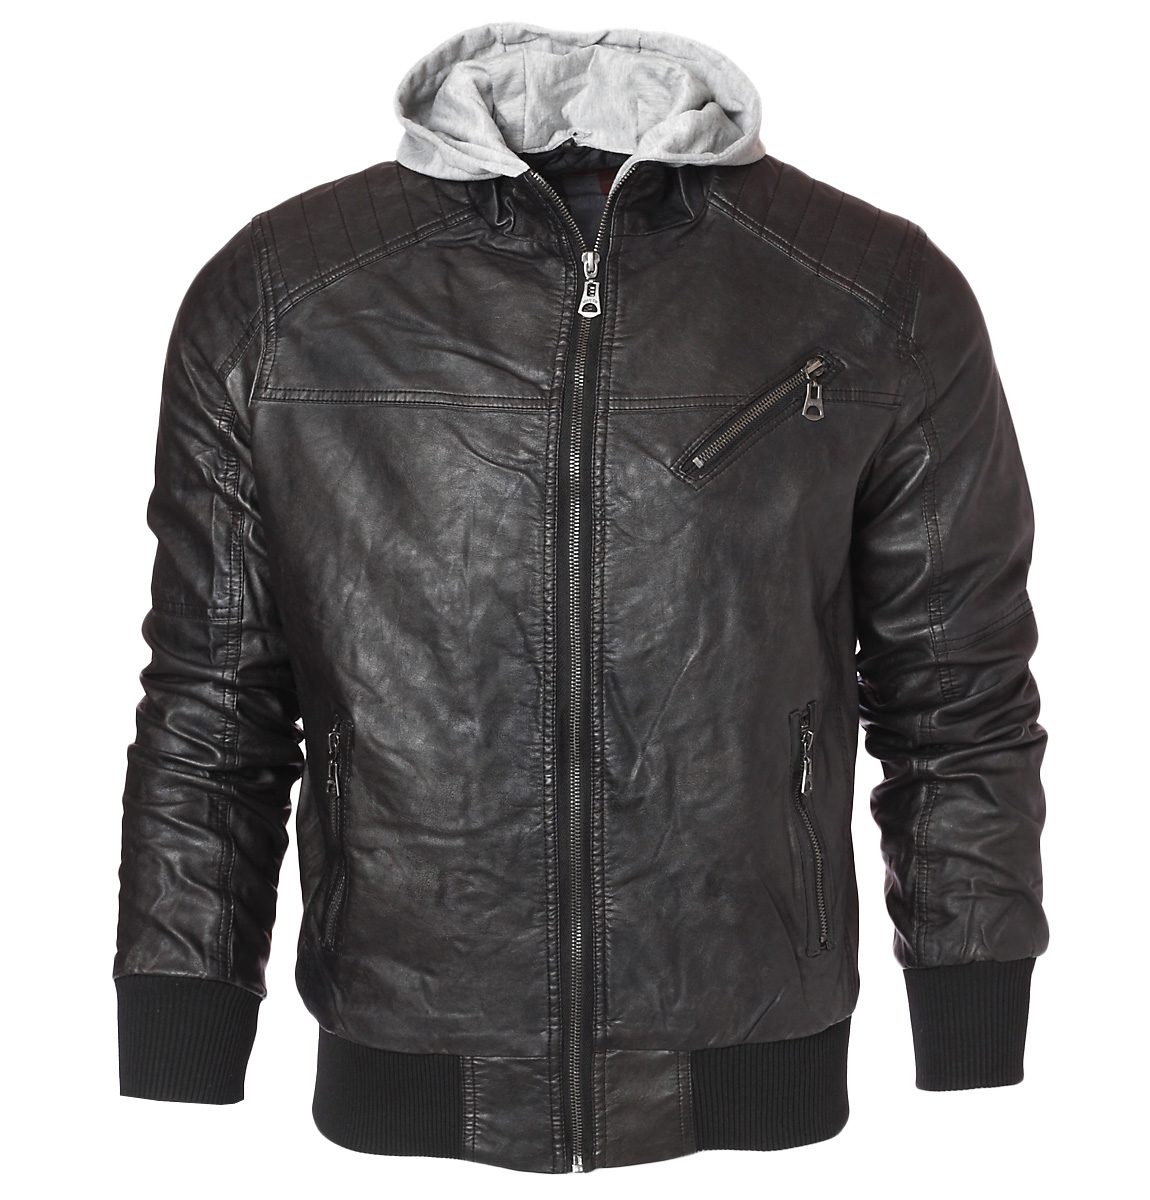 Μπουφάν Δερματίνη Oxygen Black-Μαύρο αρχική ανδρικά ρούχα μπουφάν